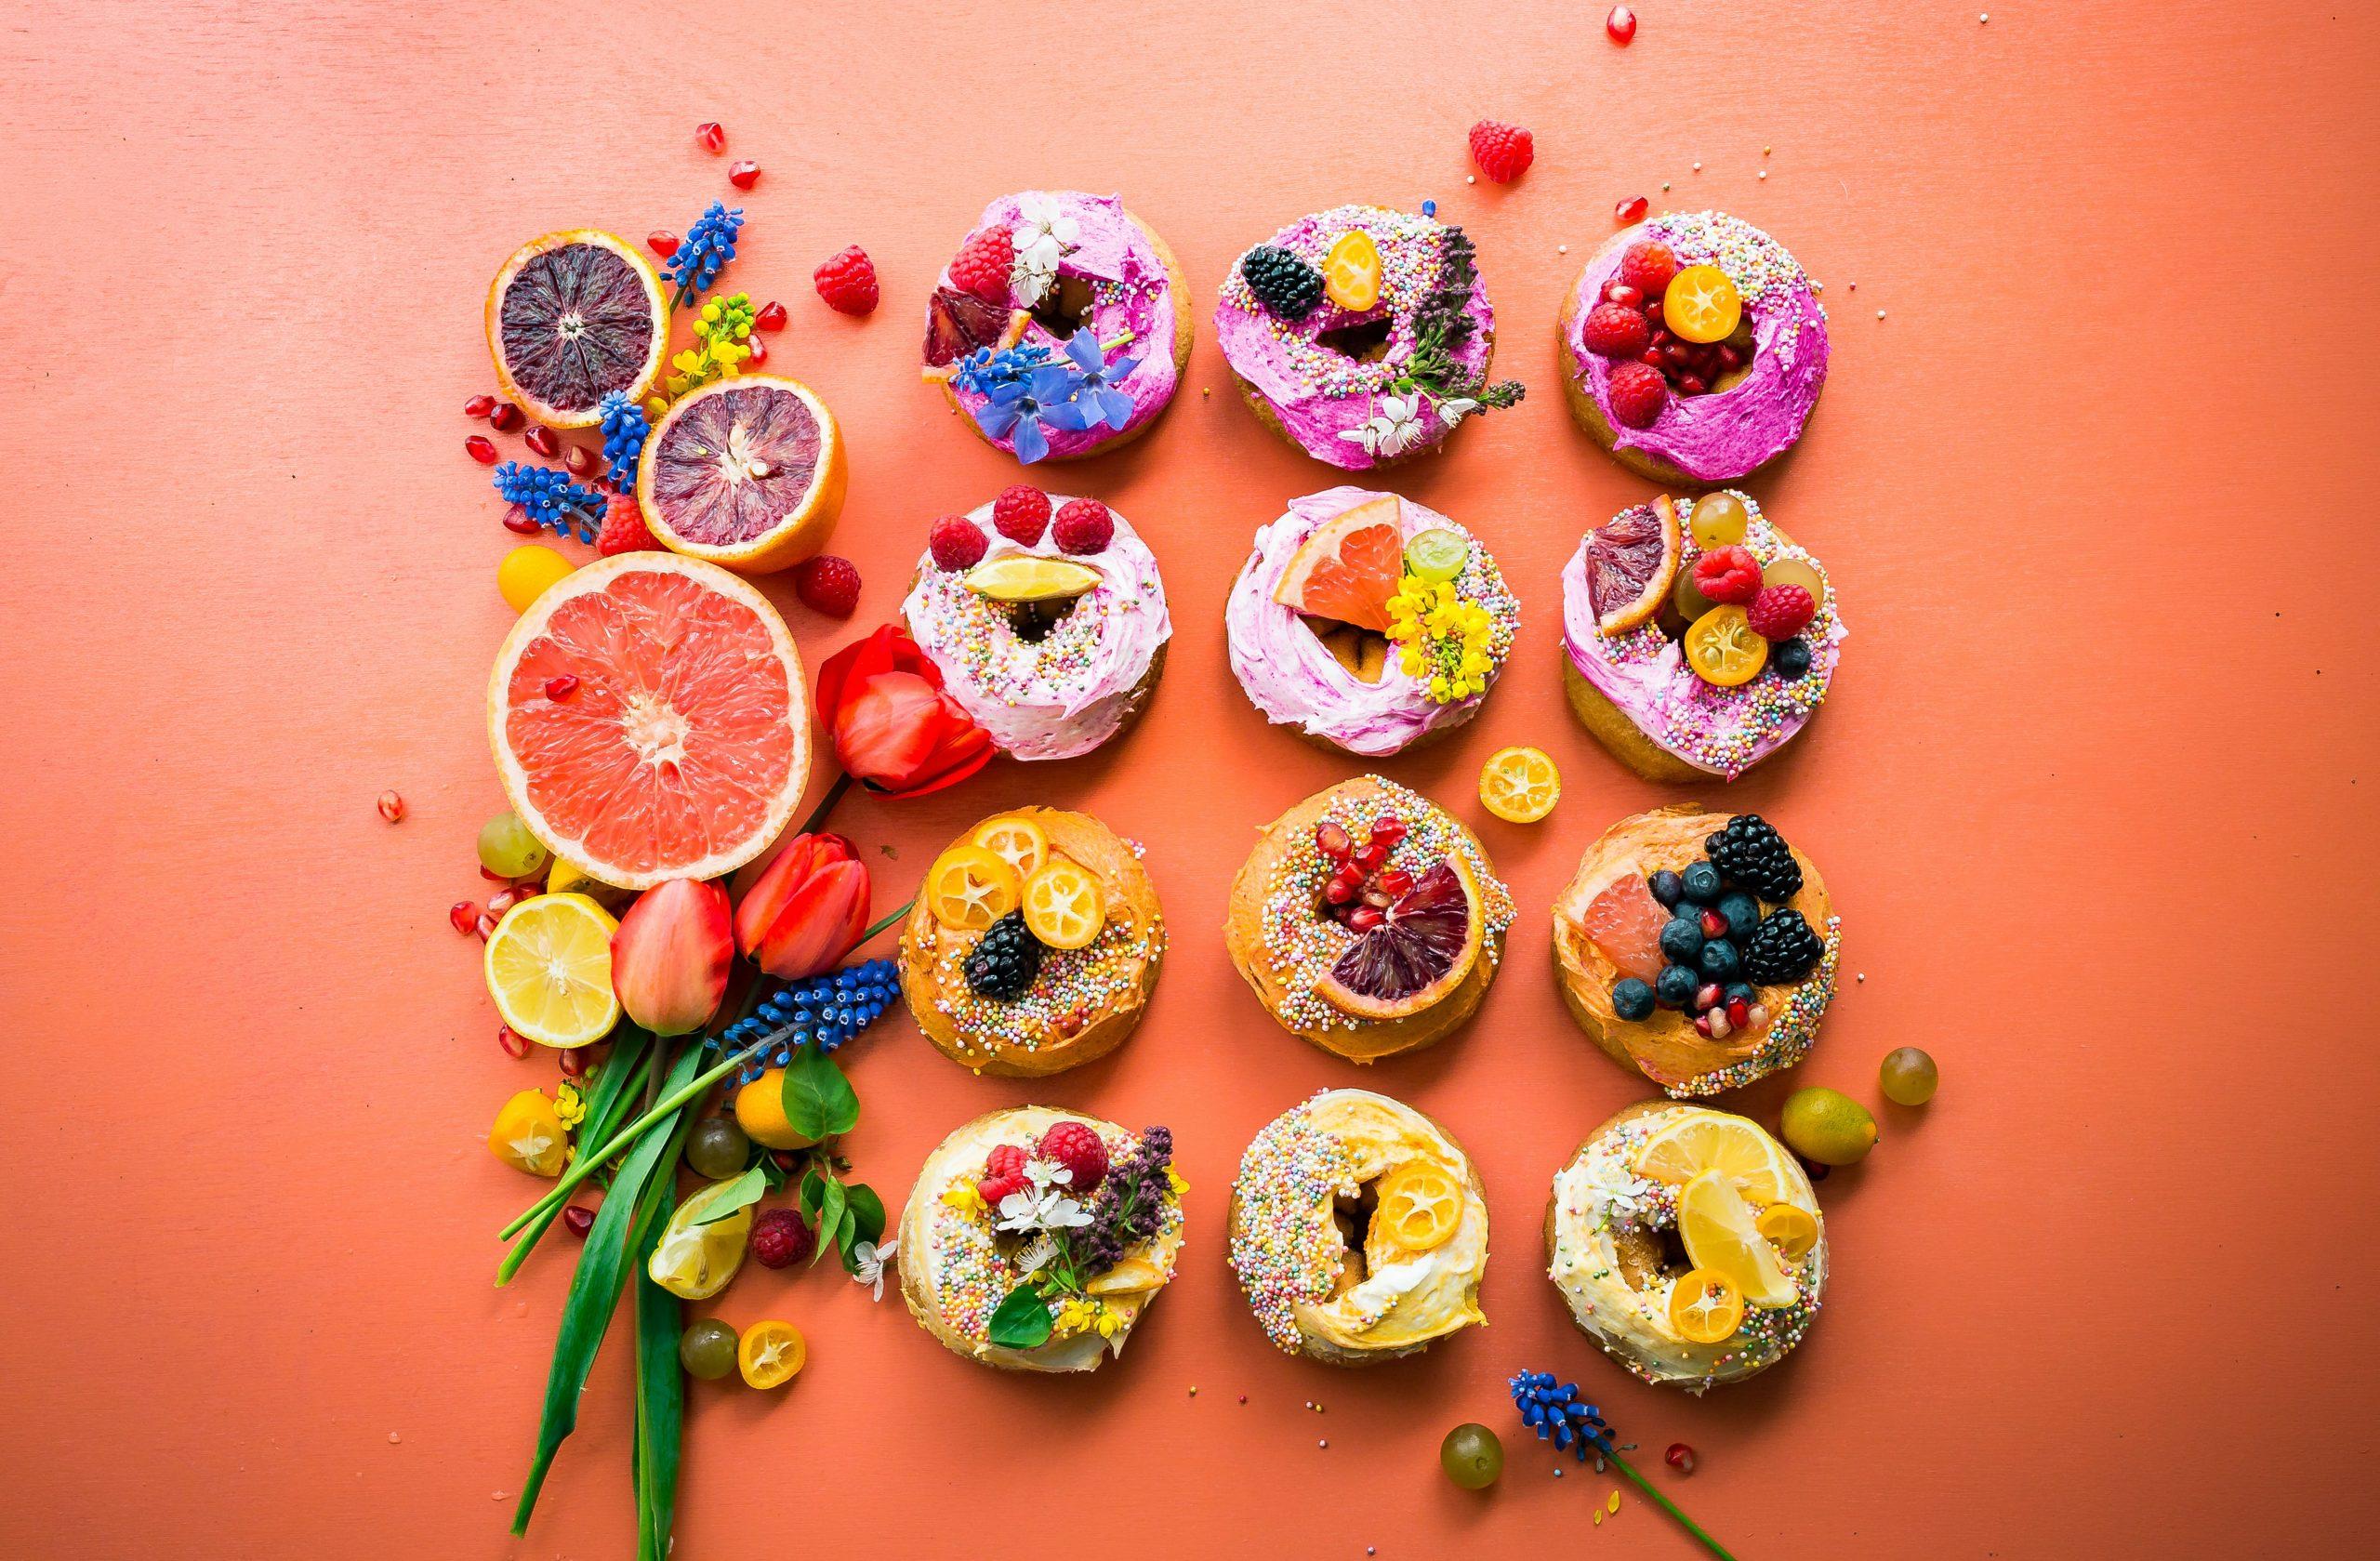 Cute Donuts!